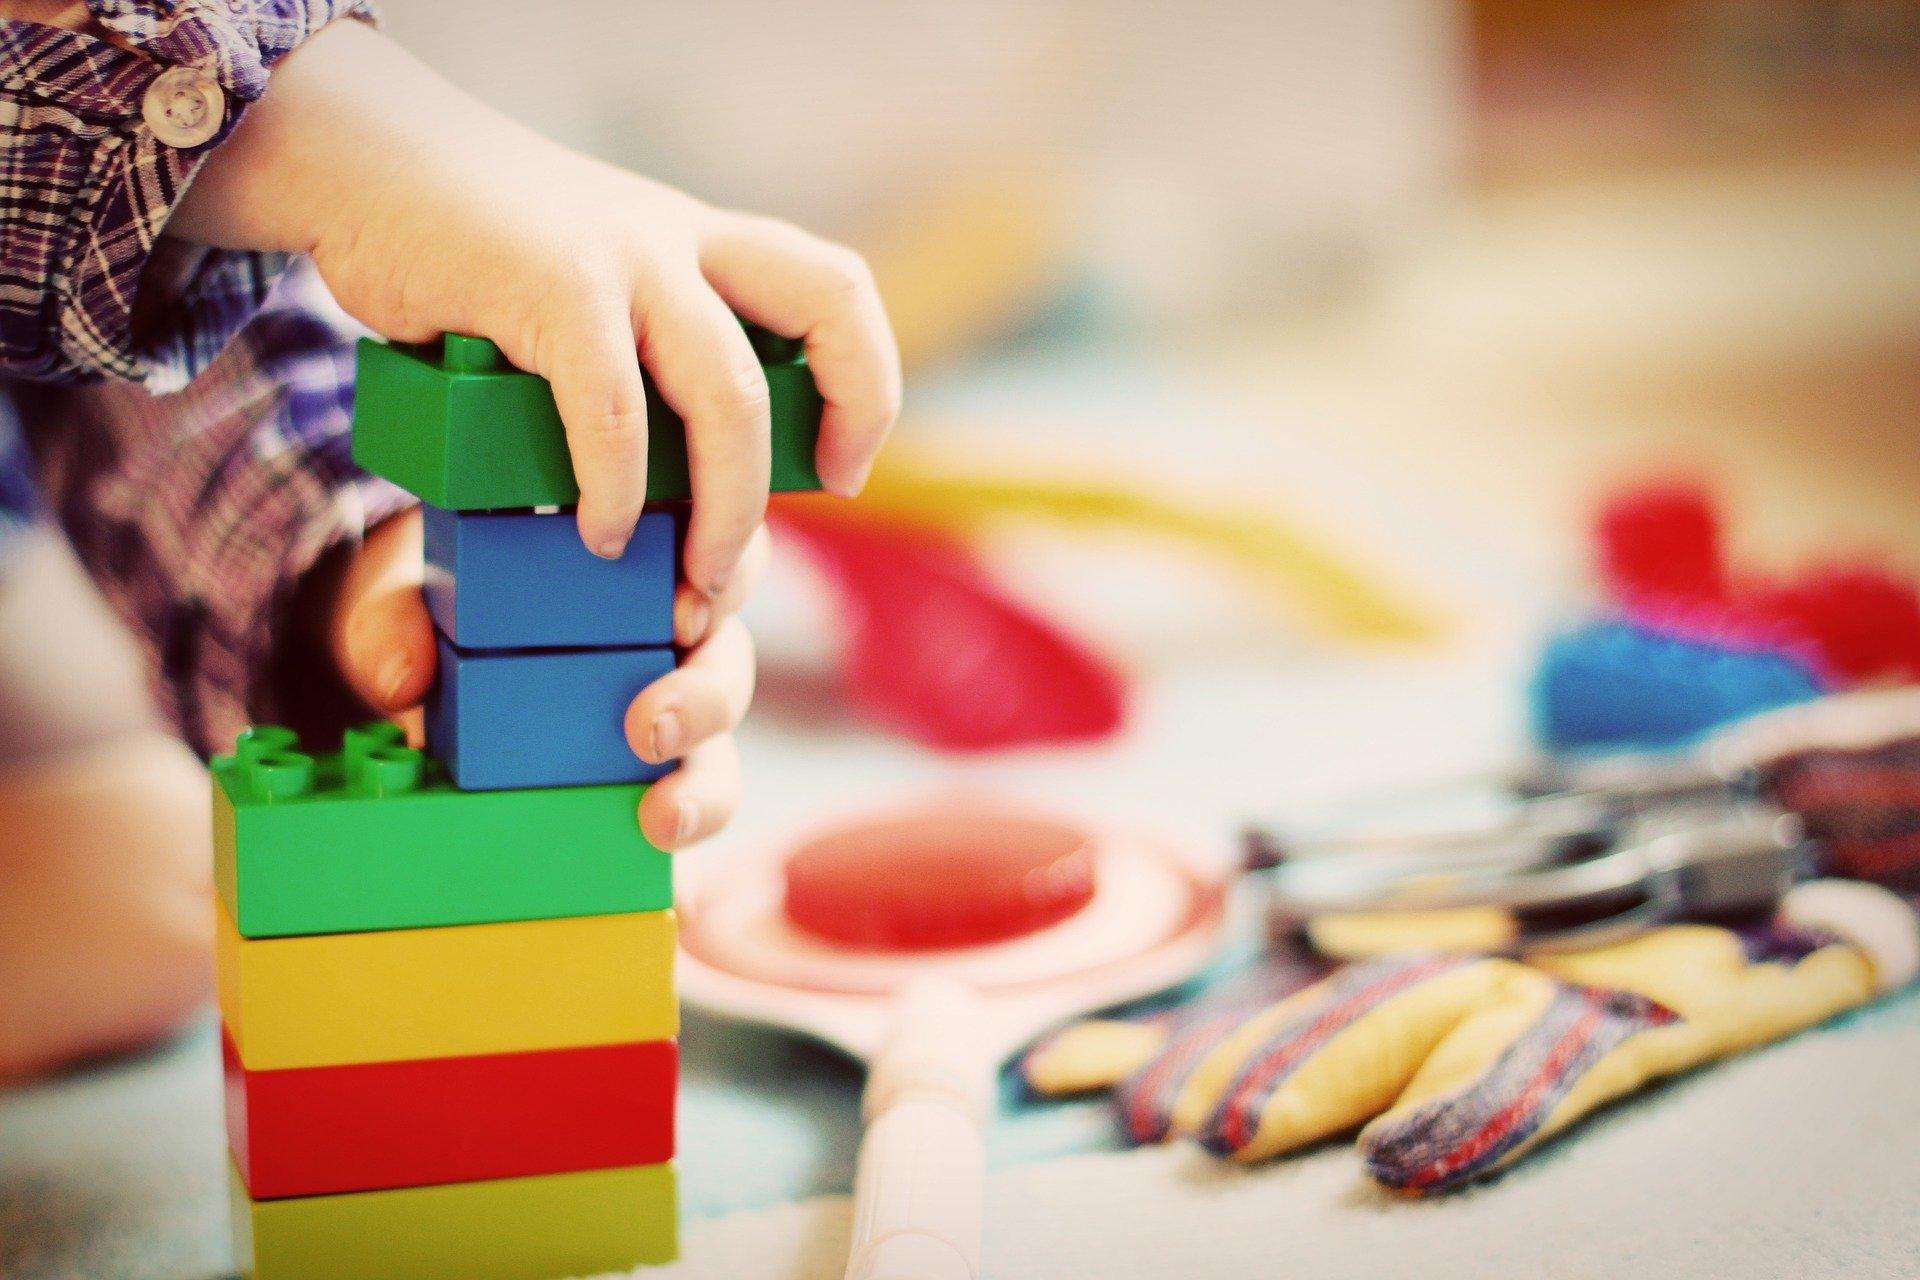 Co kupić w dzień dziecka? Ranking najlepszych prezentów - Zdjęcie główne